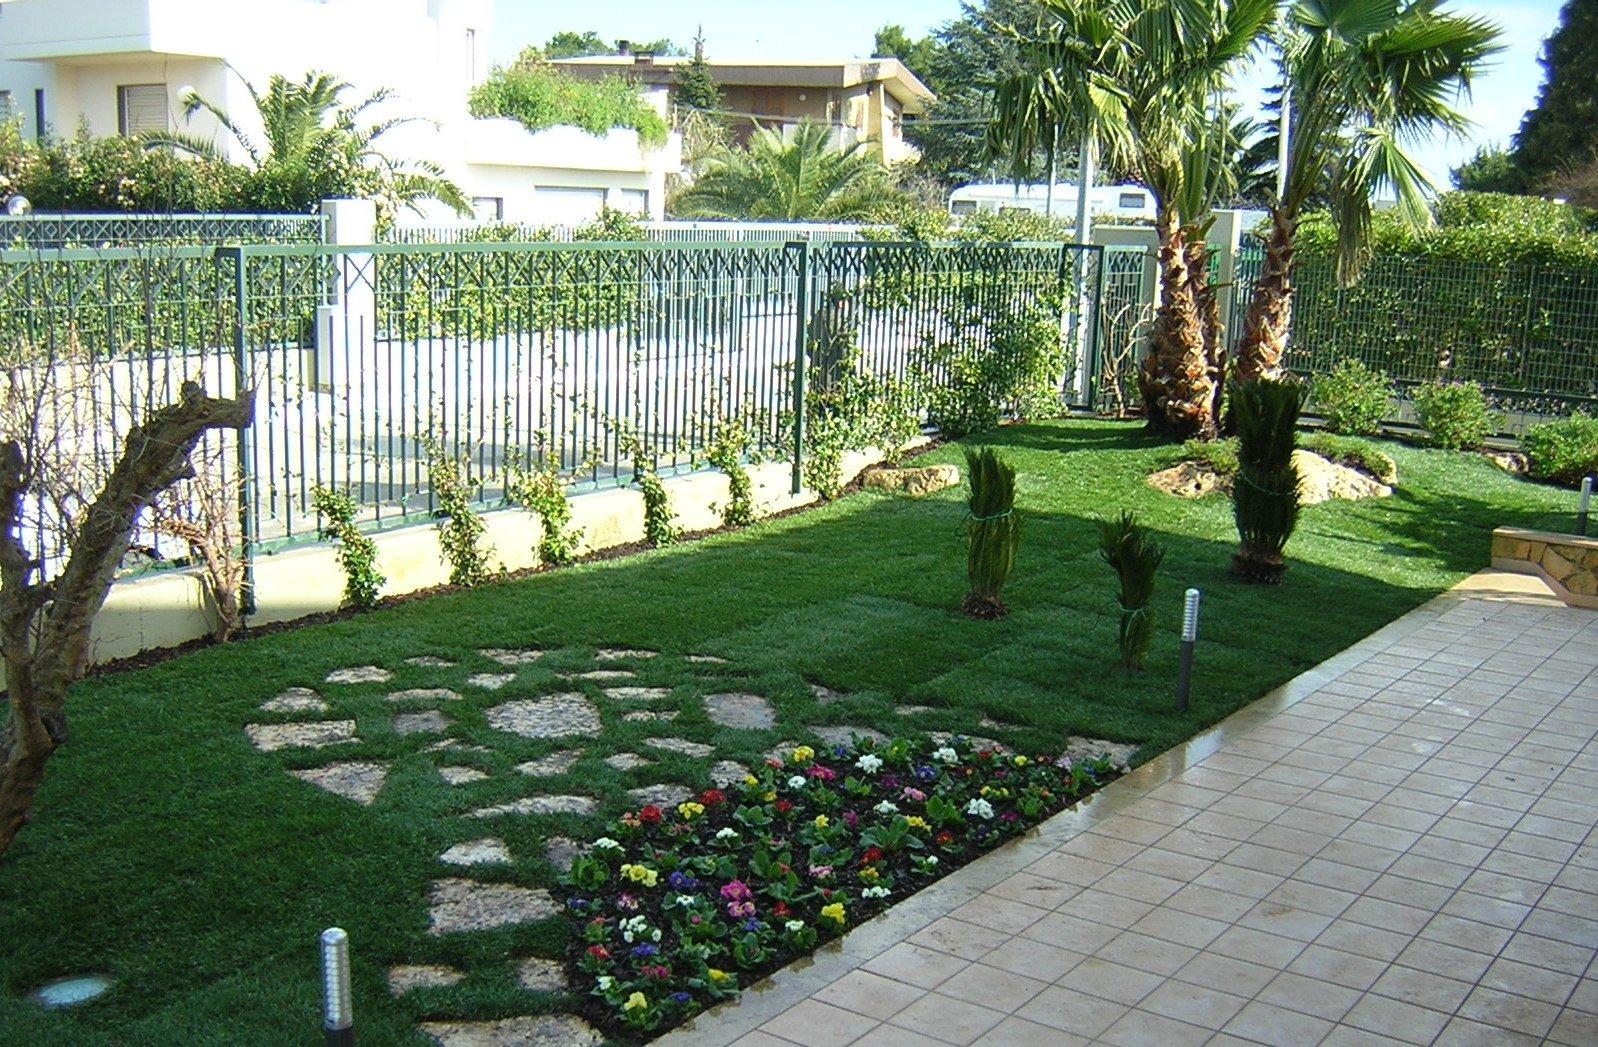 Giardinetto con piante colorate e viottolo